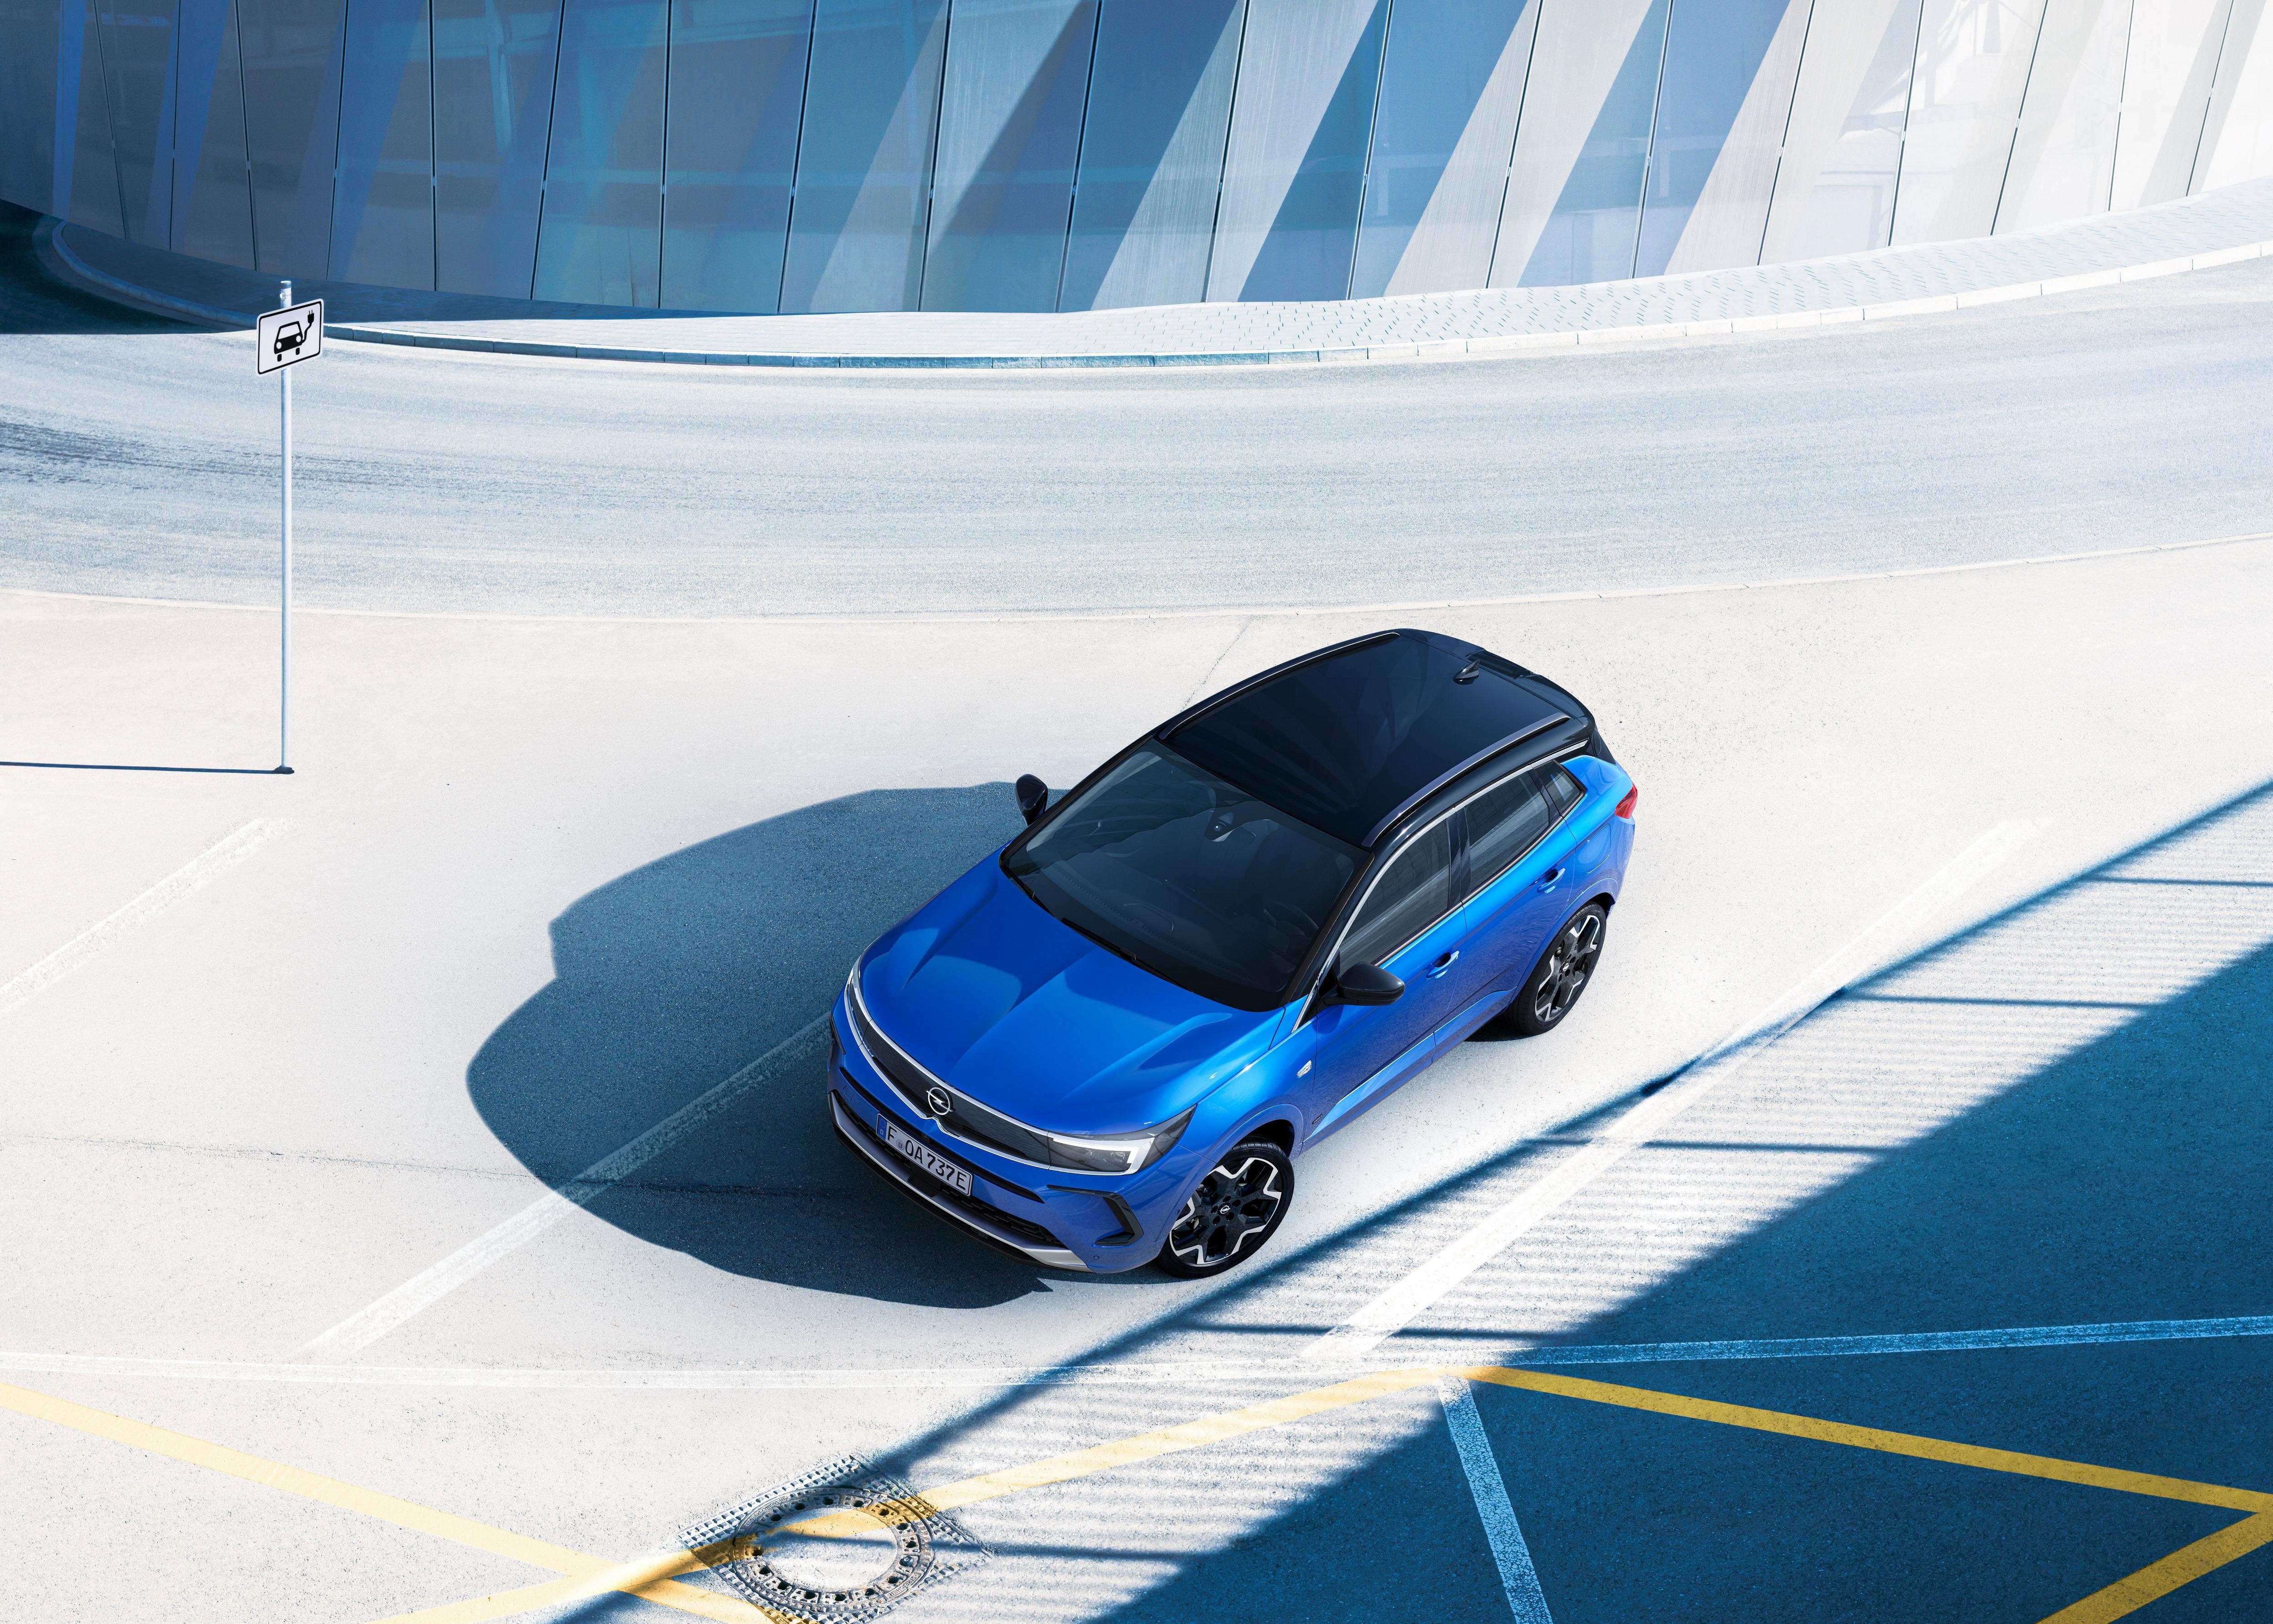 Nouvel Opel Grandland : personnalité affirmée, instrumentation numérique et haute technologie